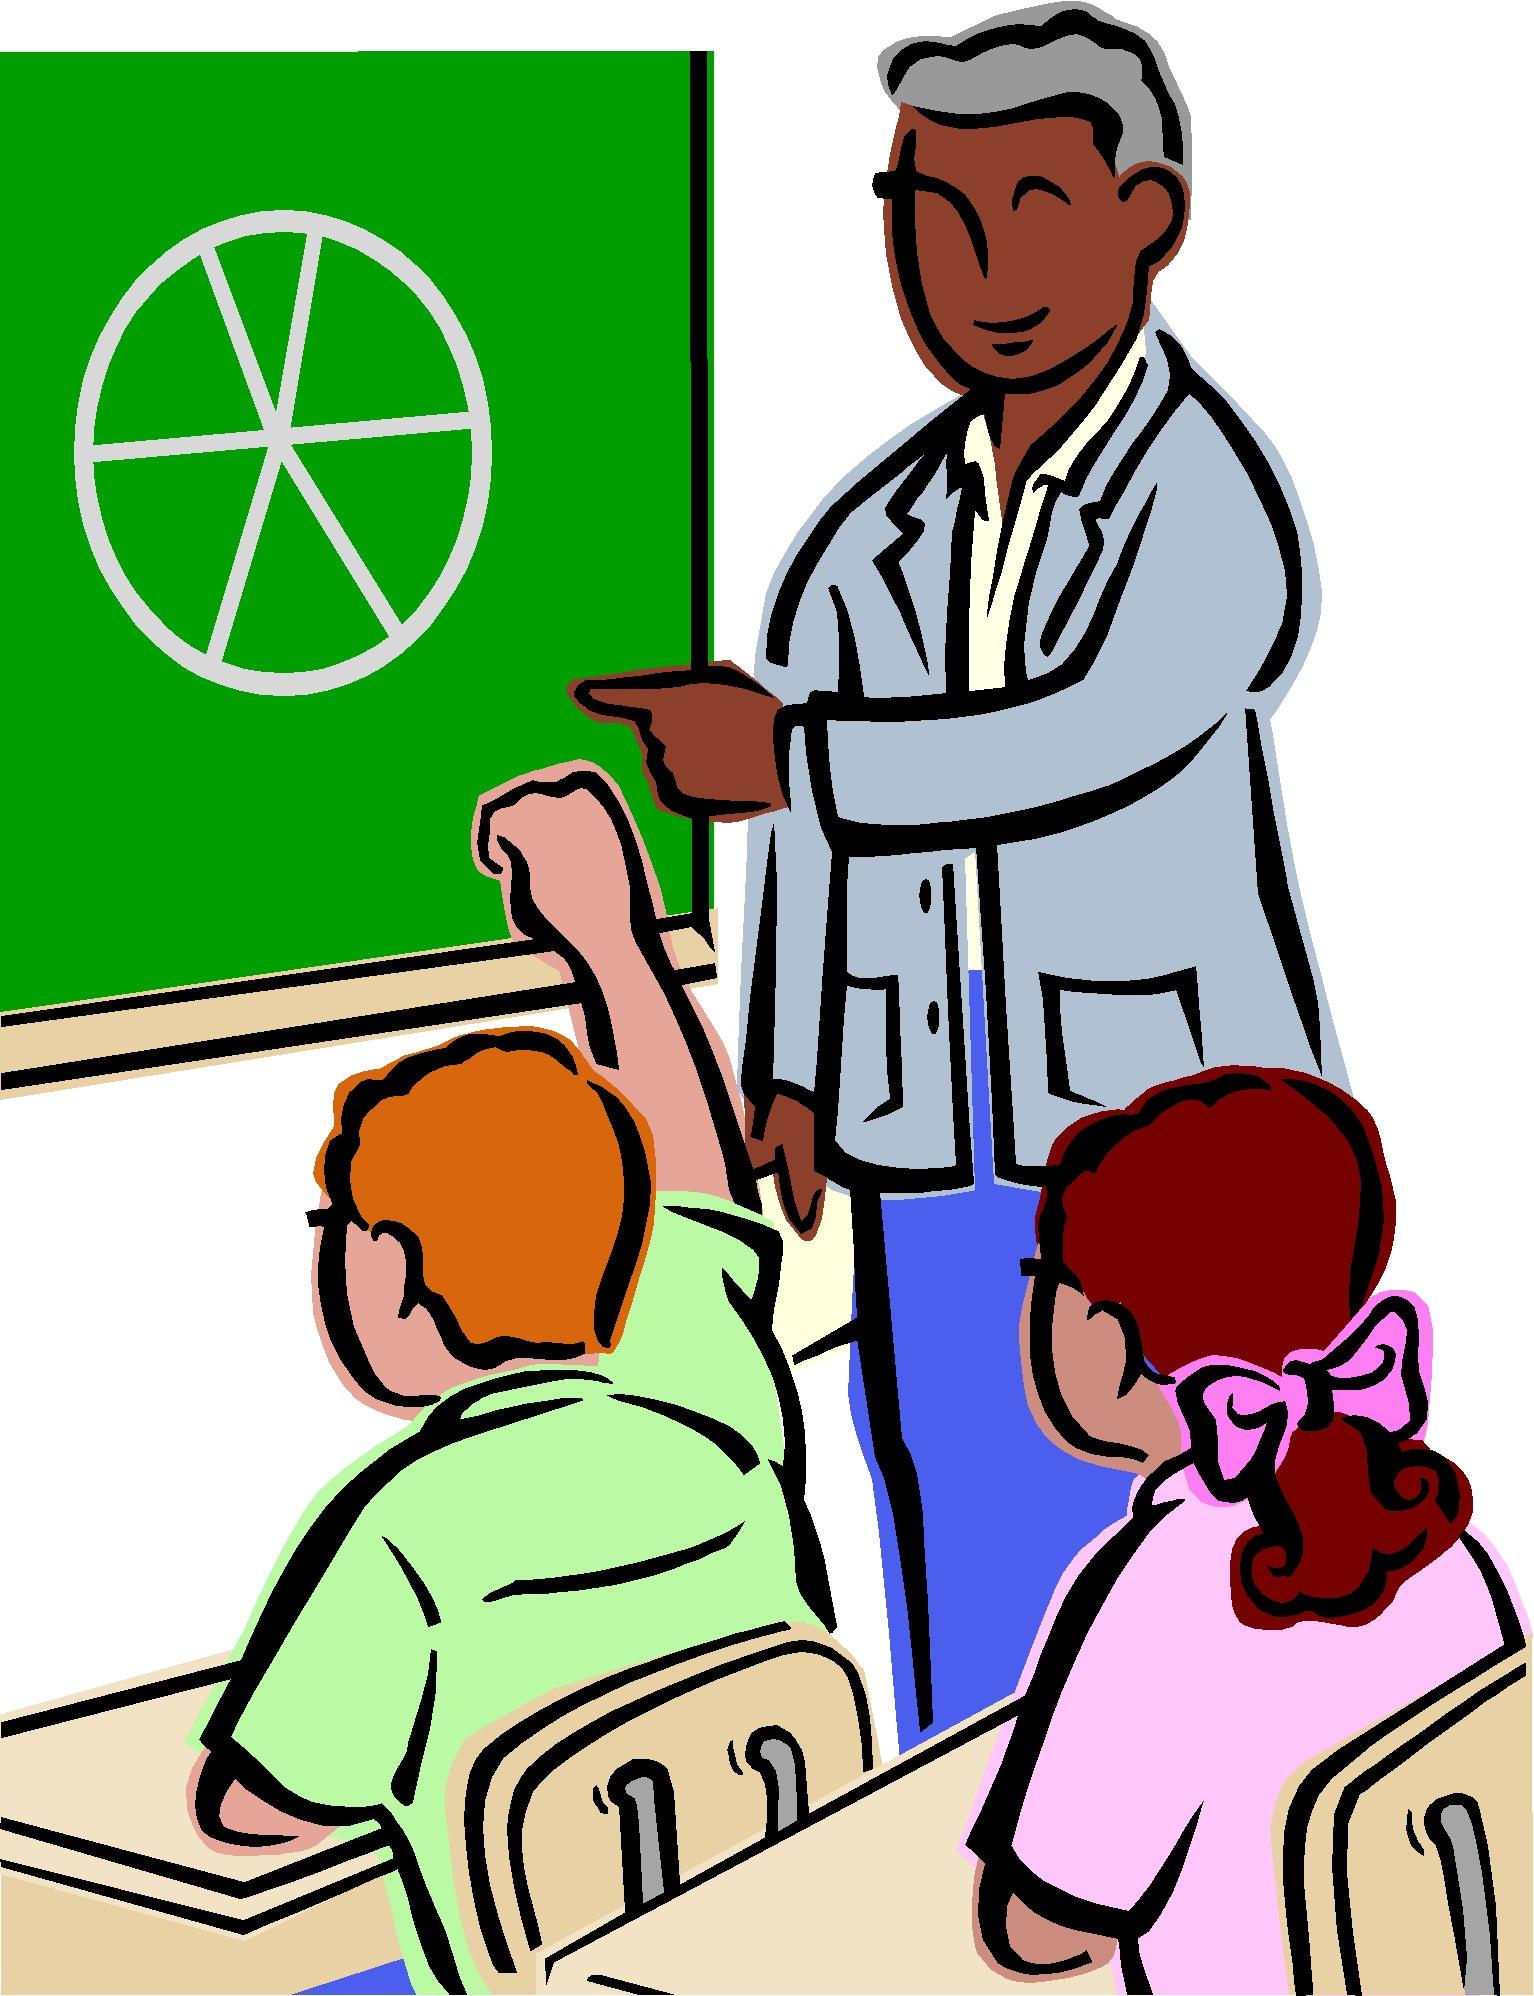 Clipart Teacher-clipart teacher-4